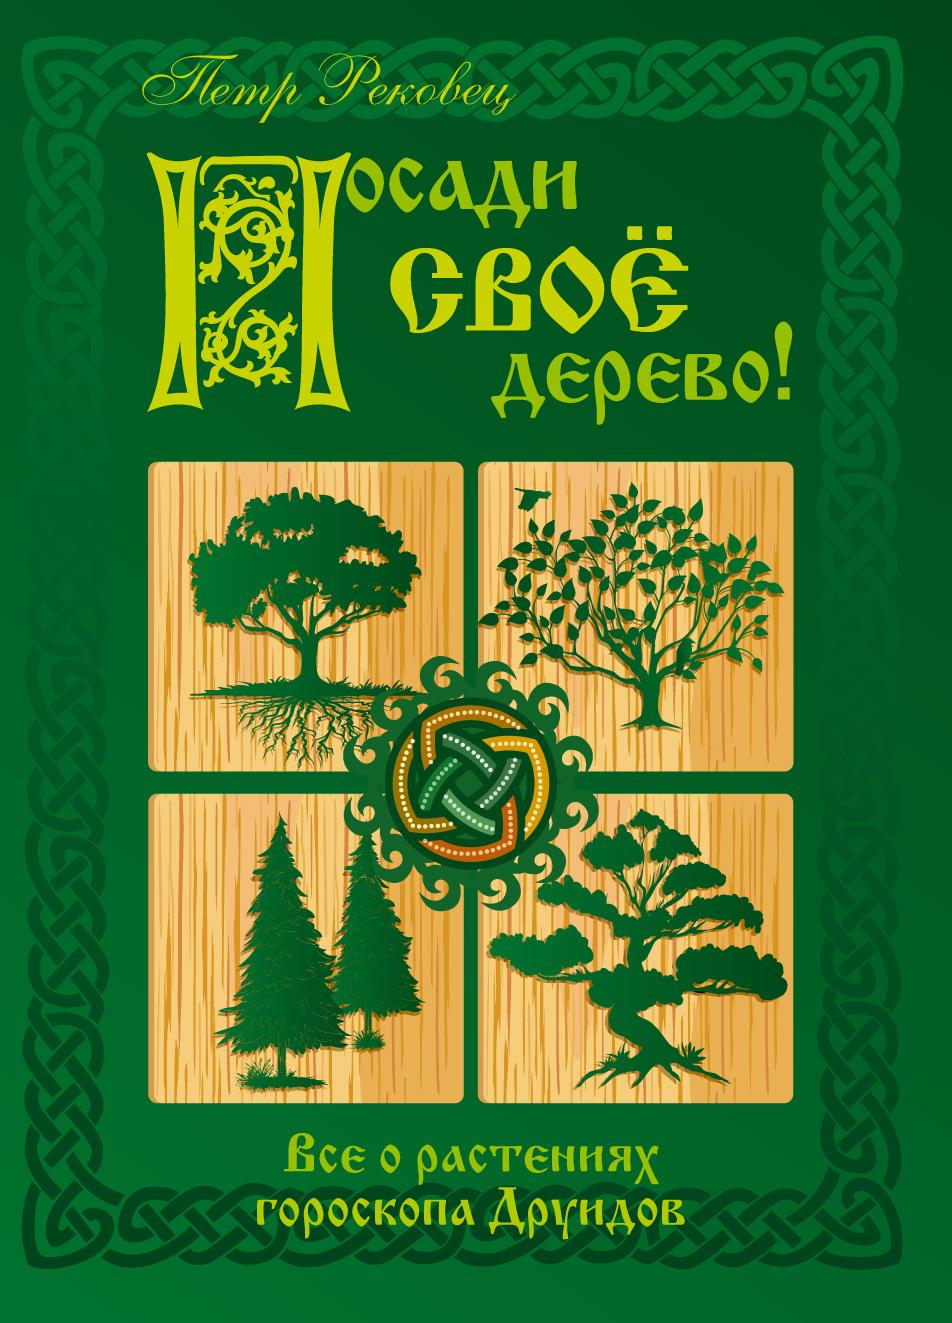 Поздравление по календарю друидов